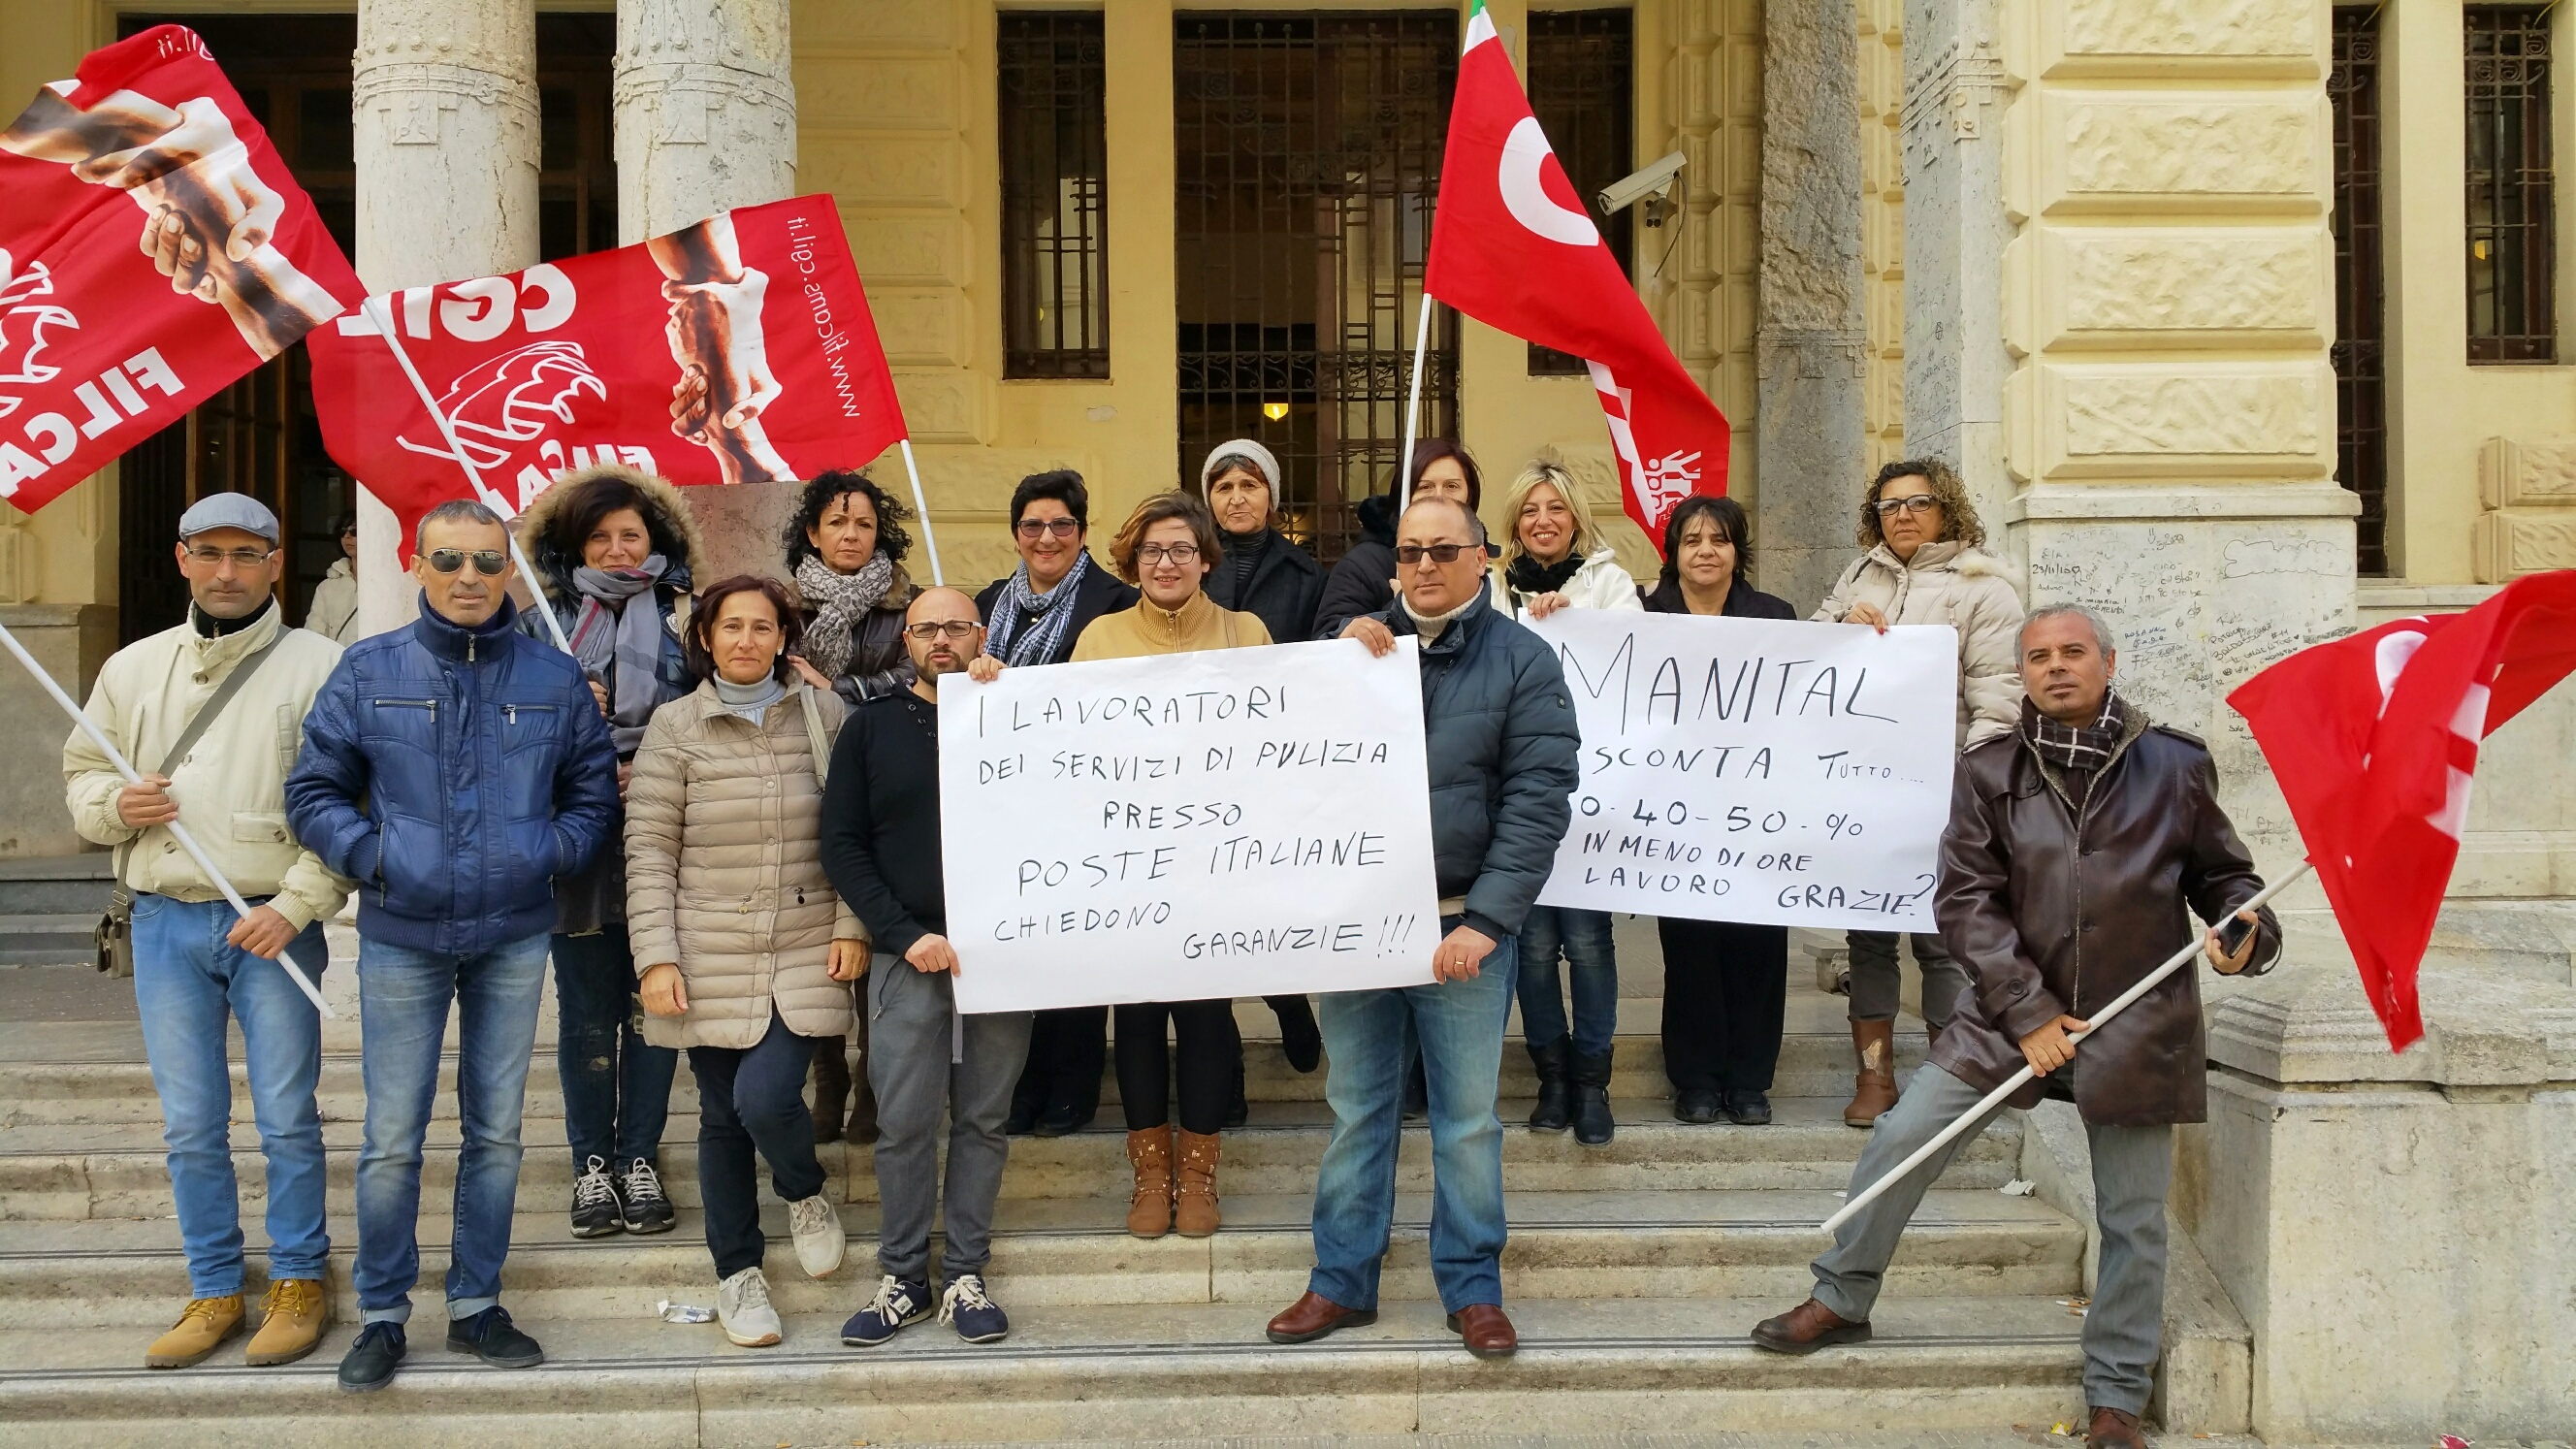 Poste Italiane: da oggi sciopero a oltranza dei lavoratori che svolgono il servizio di pulizie nelle filiali